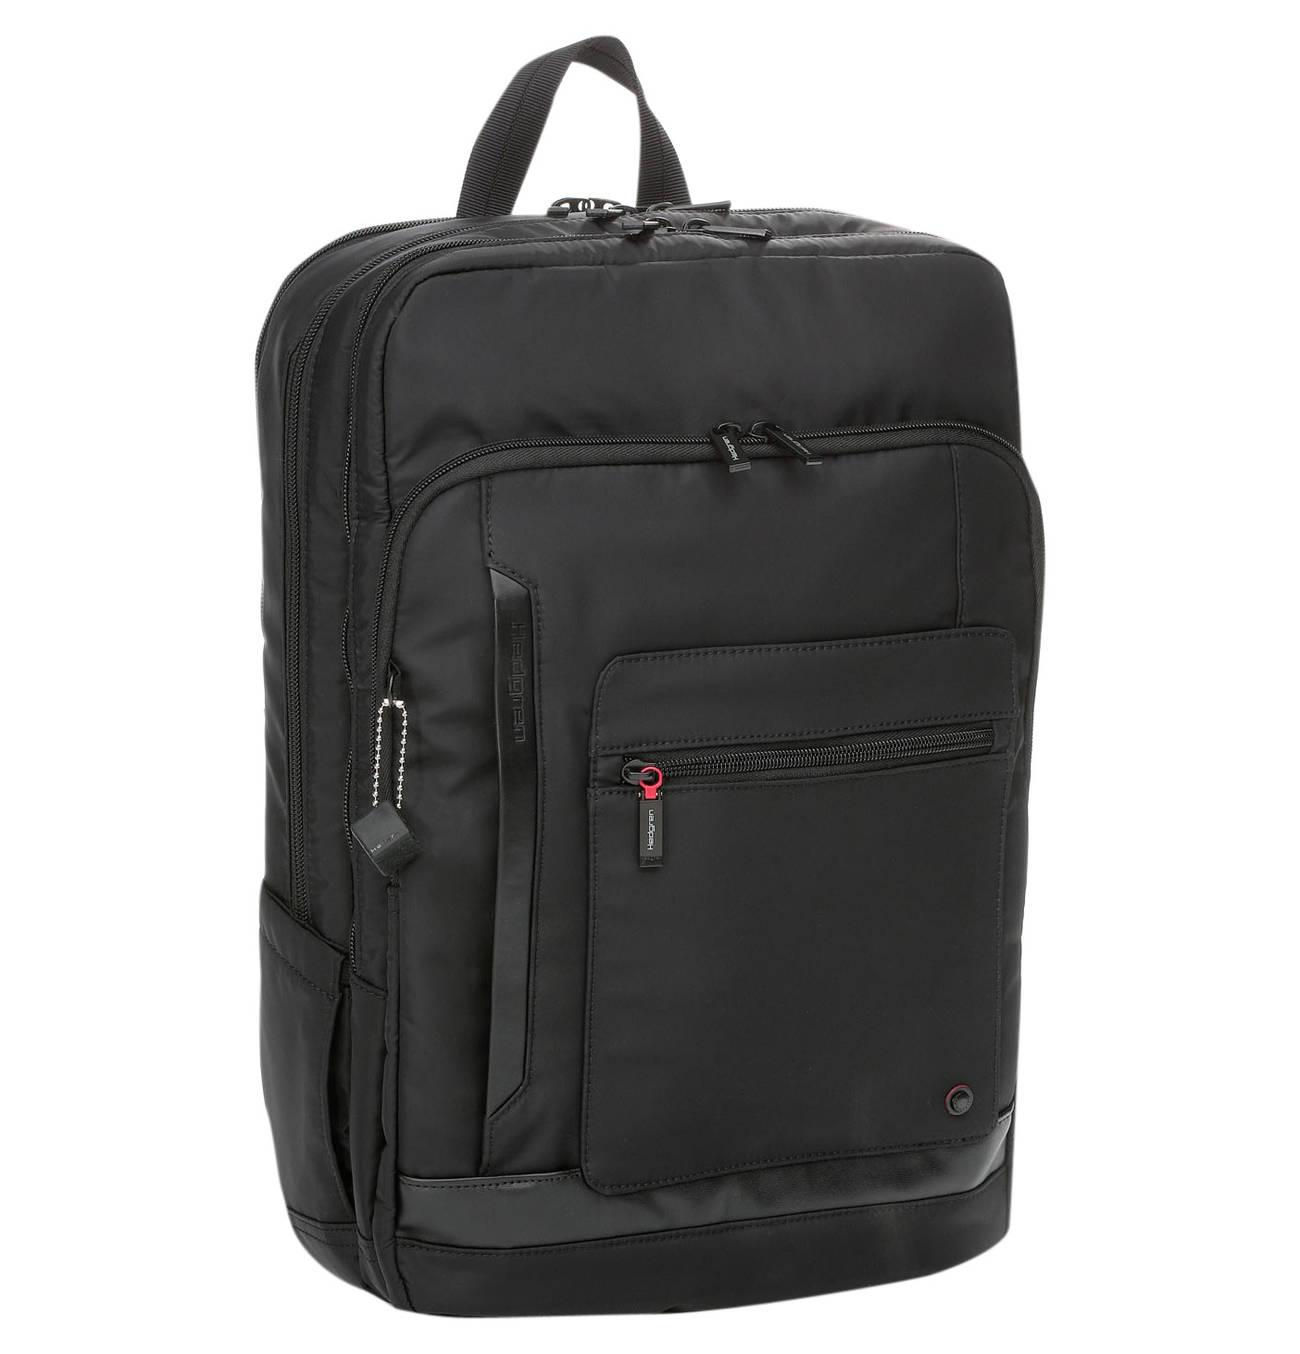 EXPEL Rucksack, 44,5 cm   Schultergurt, Rucksack, Geschäftsreise